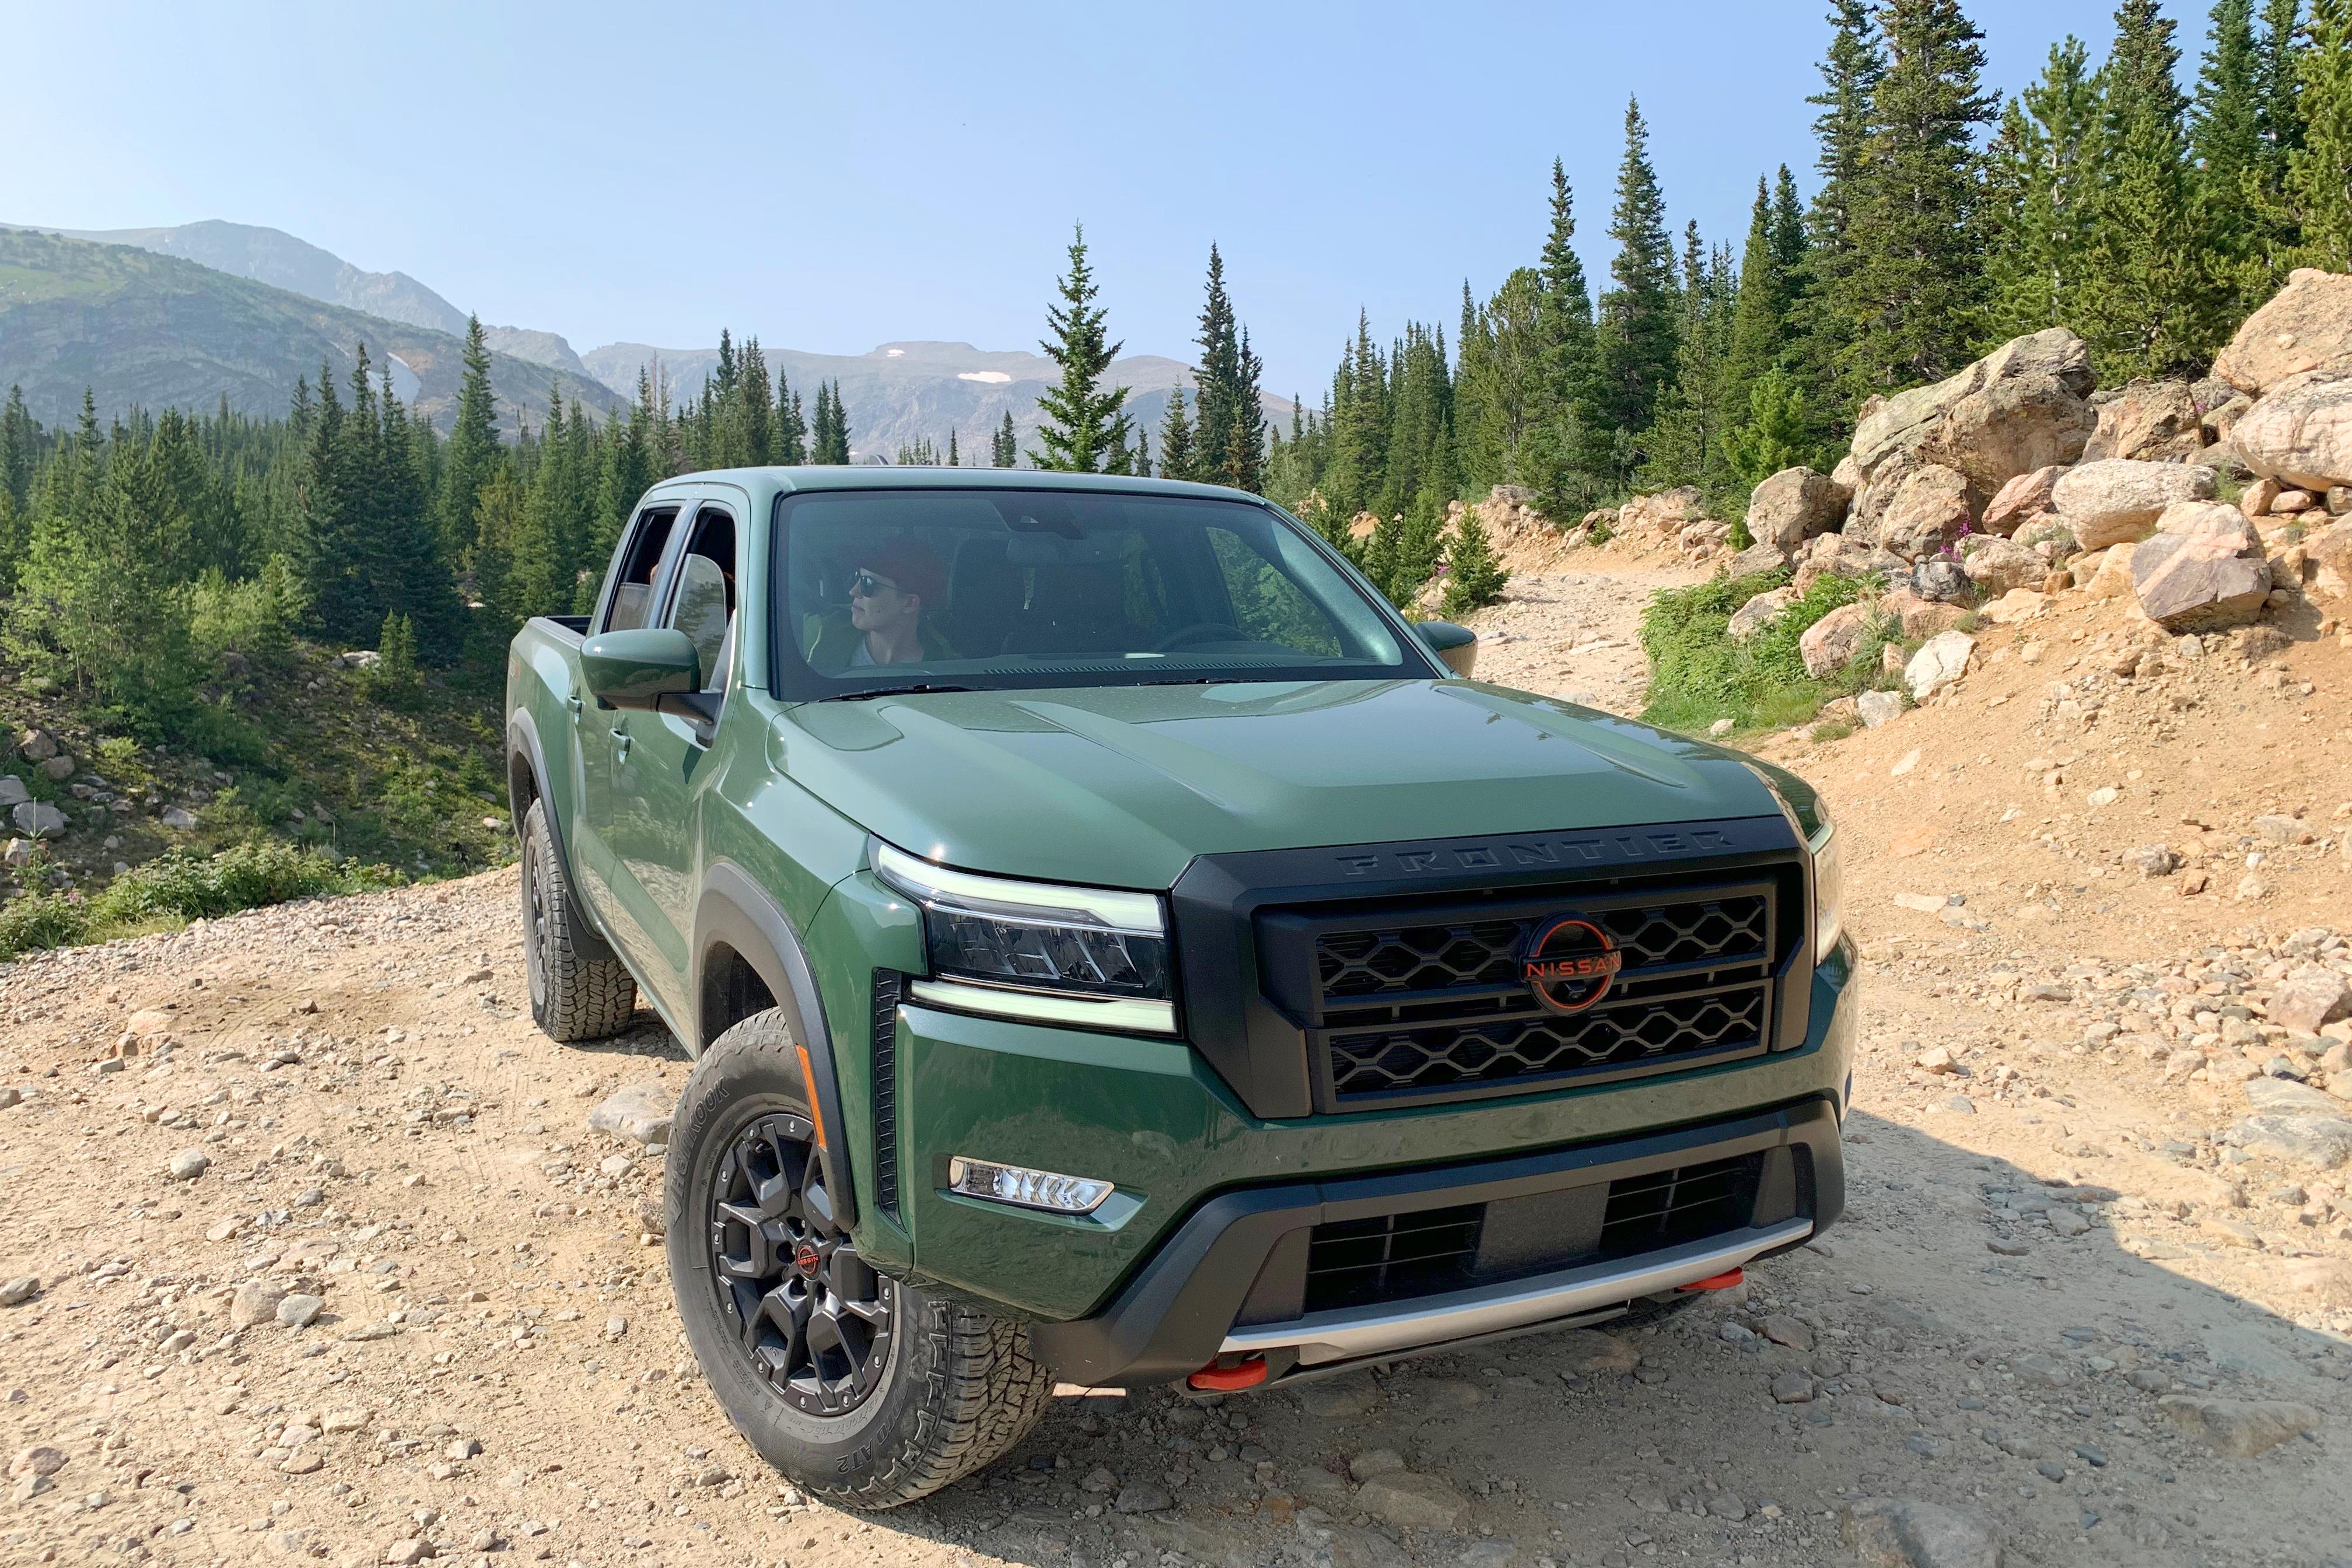 2022 Nissan Frontier pickup truck